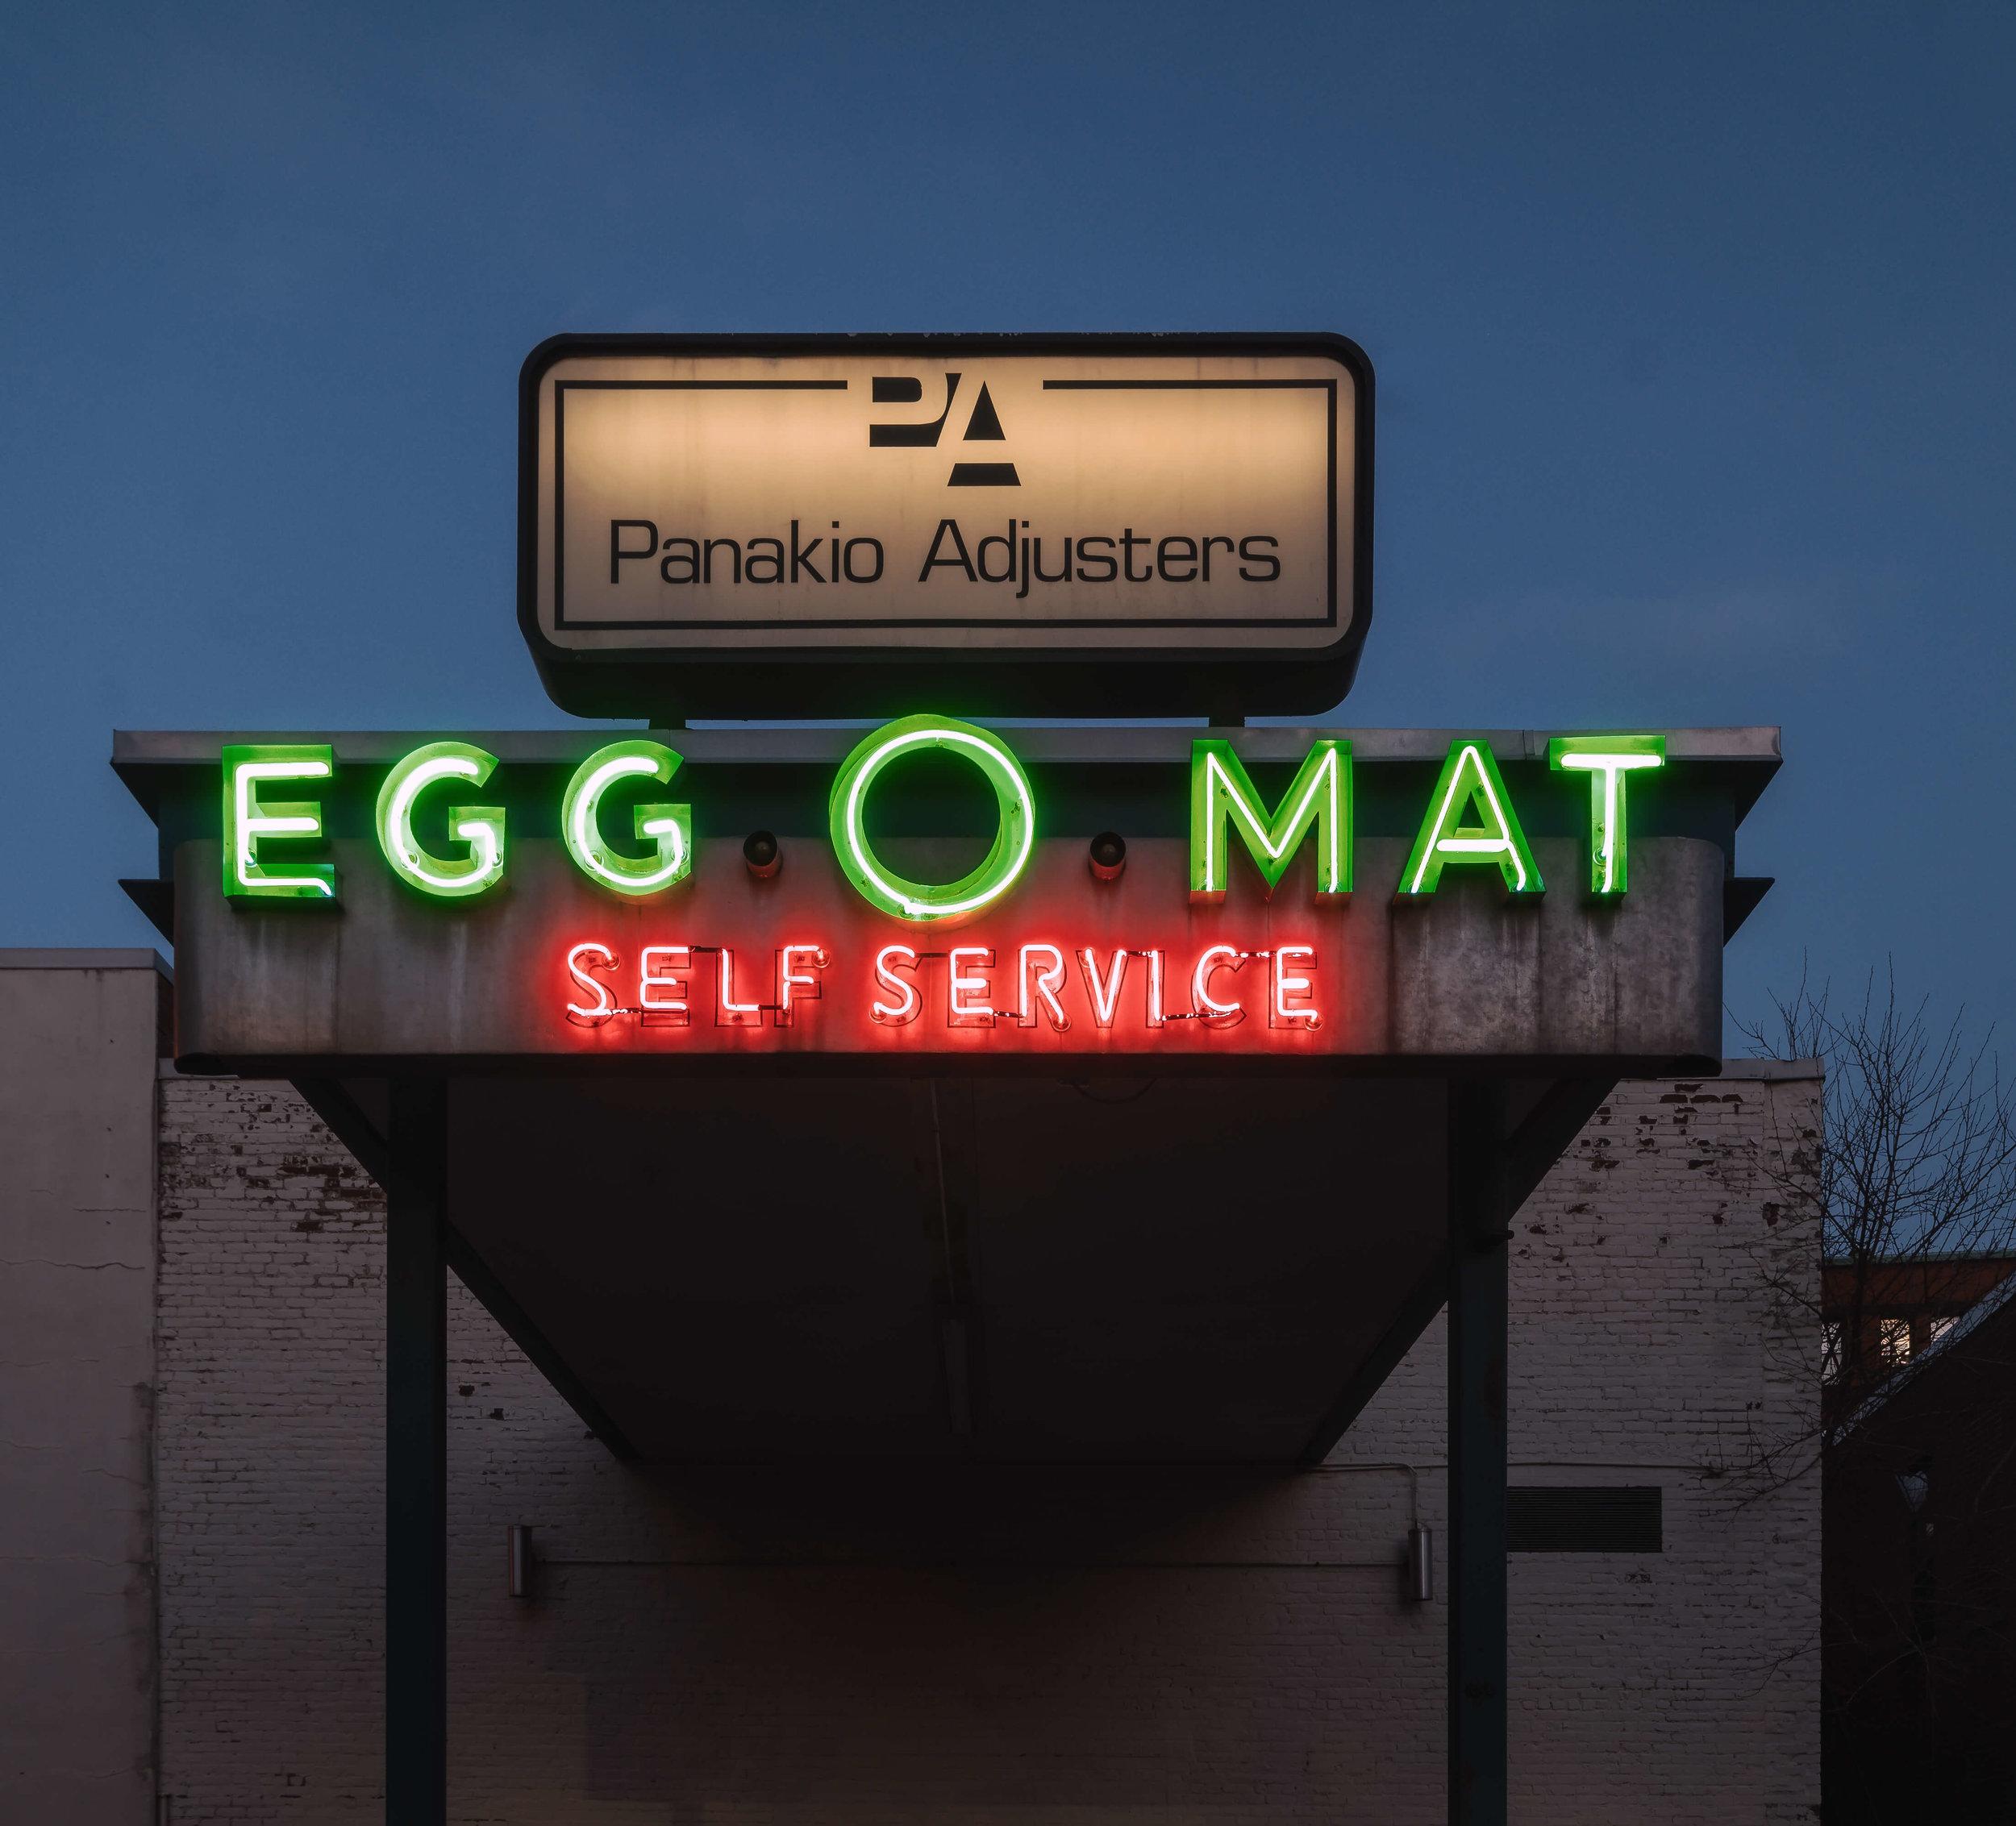 Egg O Mat 4.jpg